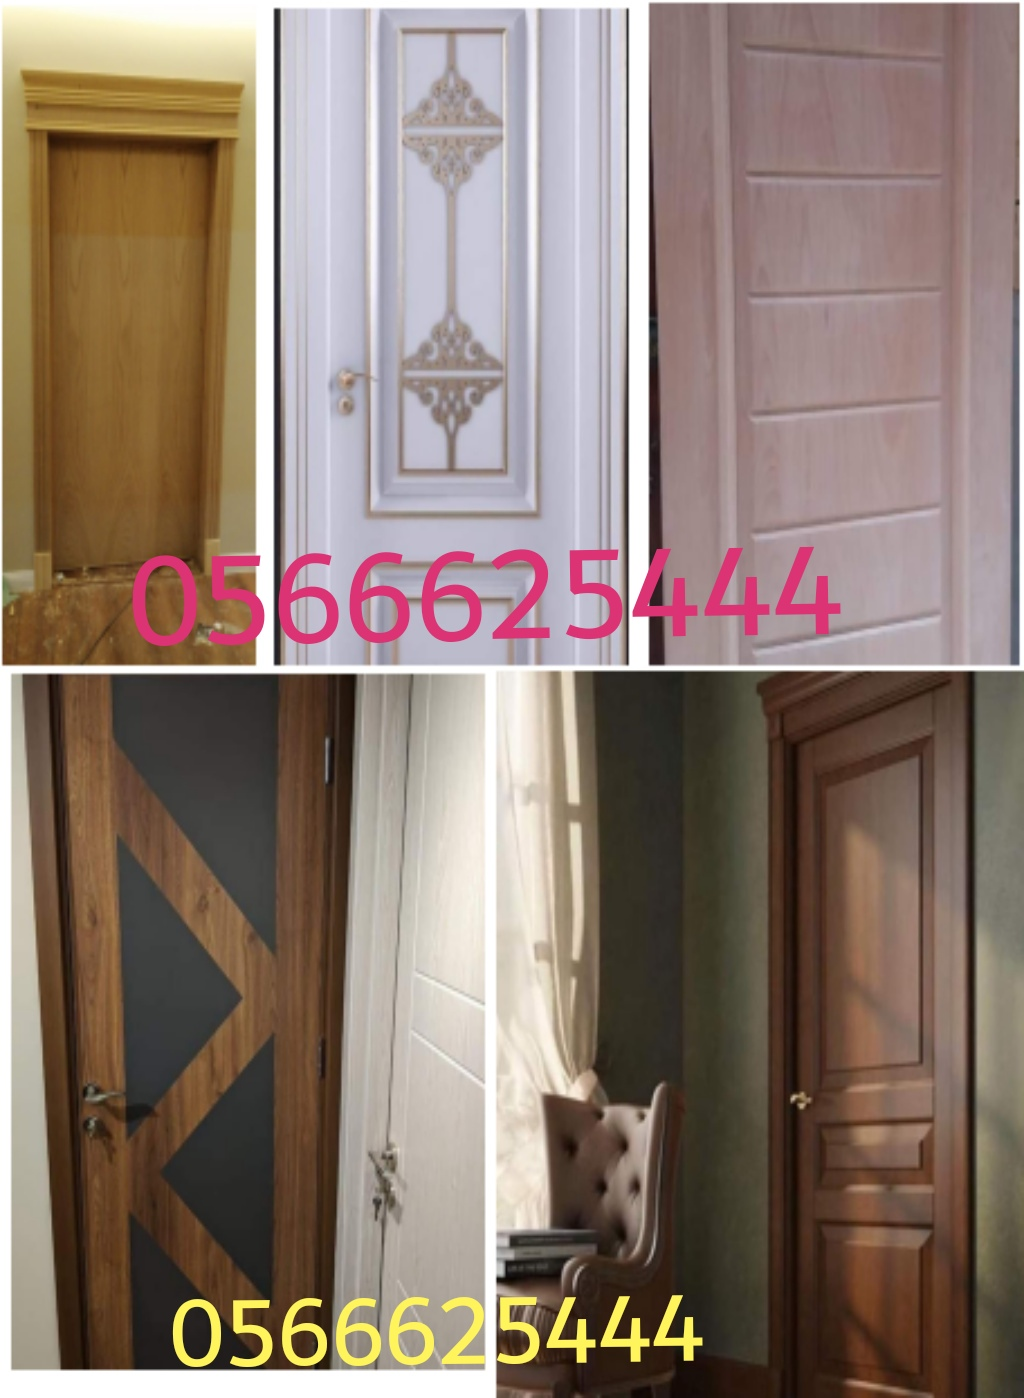 (جمال منزلك بين يديك/تفصيل غرف نوم بالرياض 0566625444 ابواب وشبابيك بالرياض  P_17170dio12